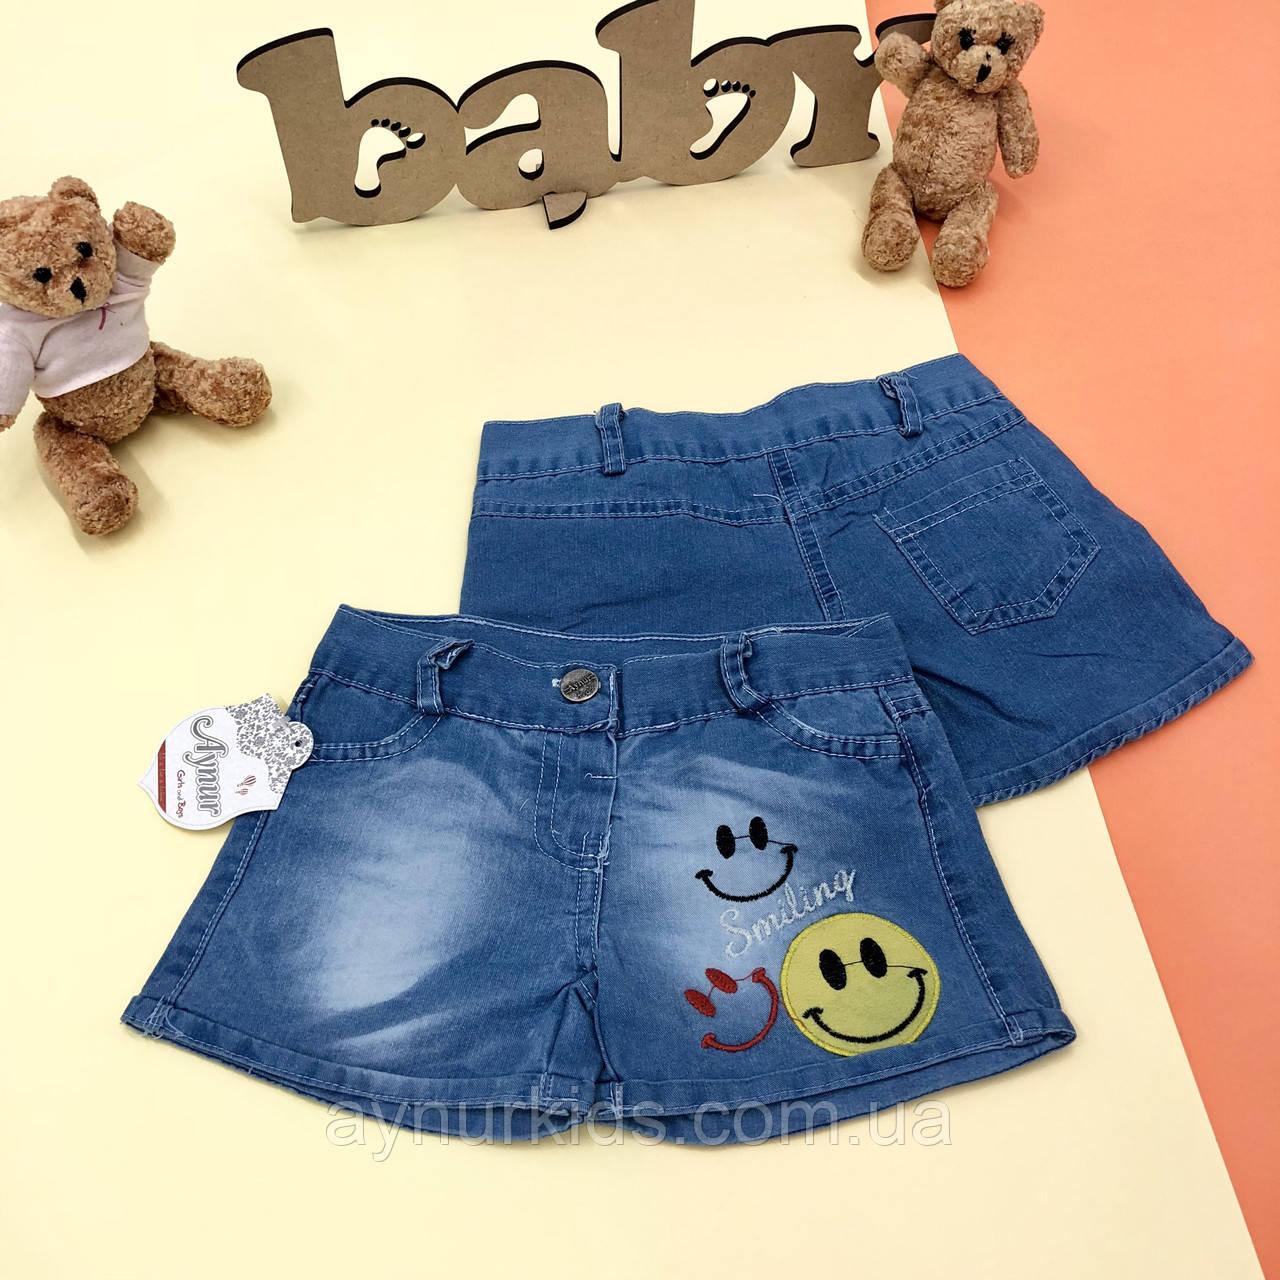 Джинсовые шорты со смайлом  2-3-4-5-6 лет